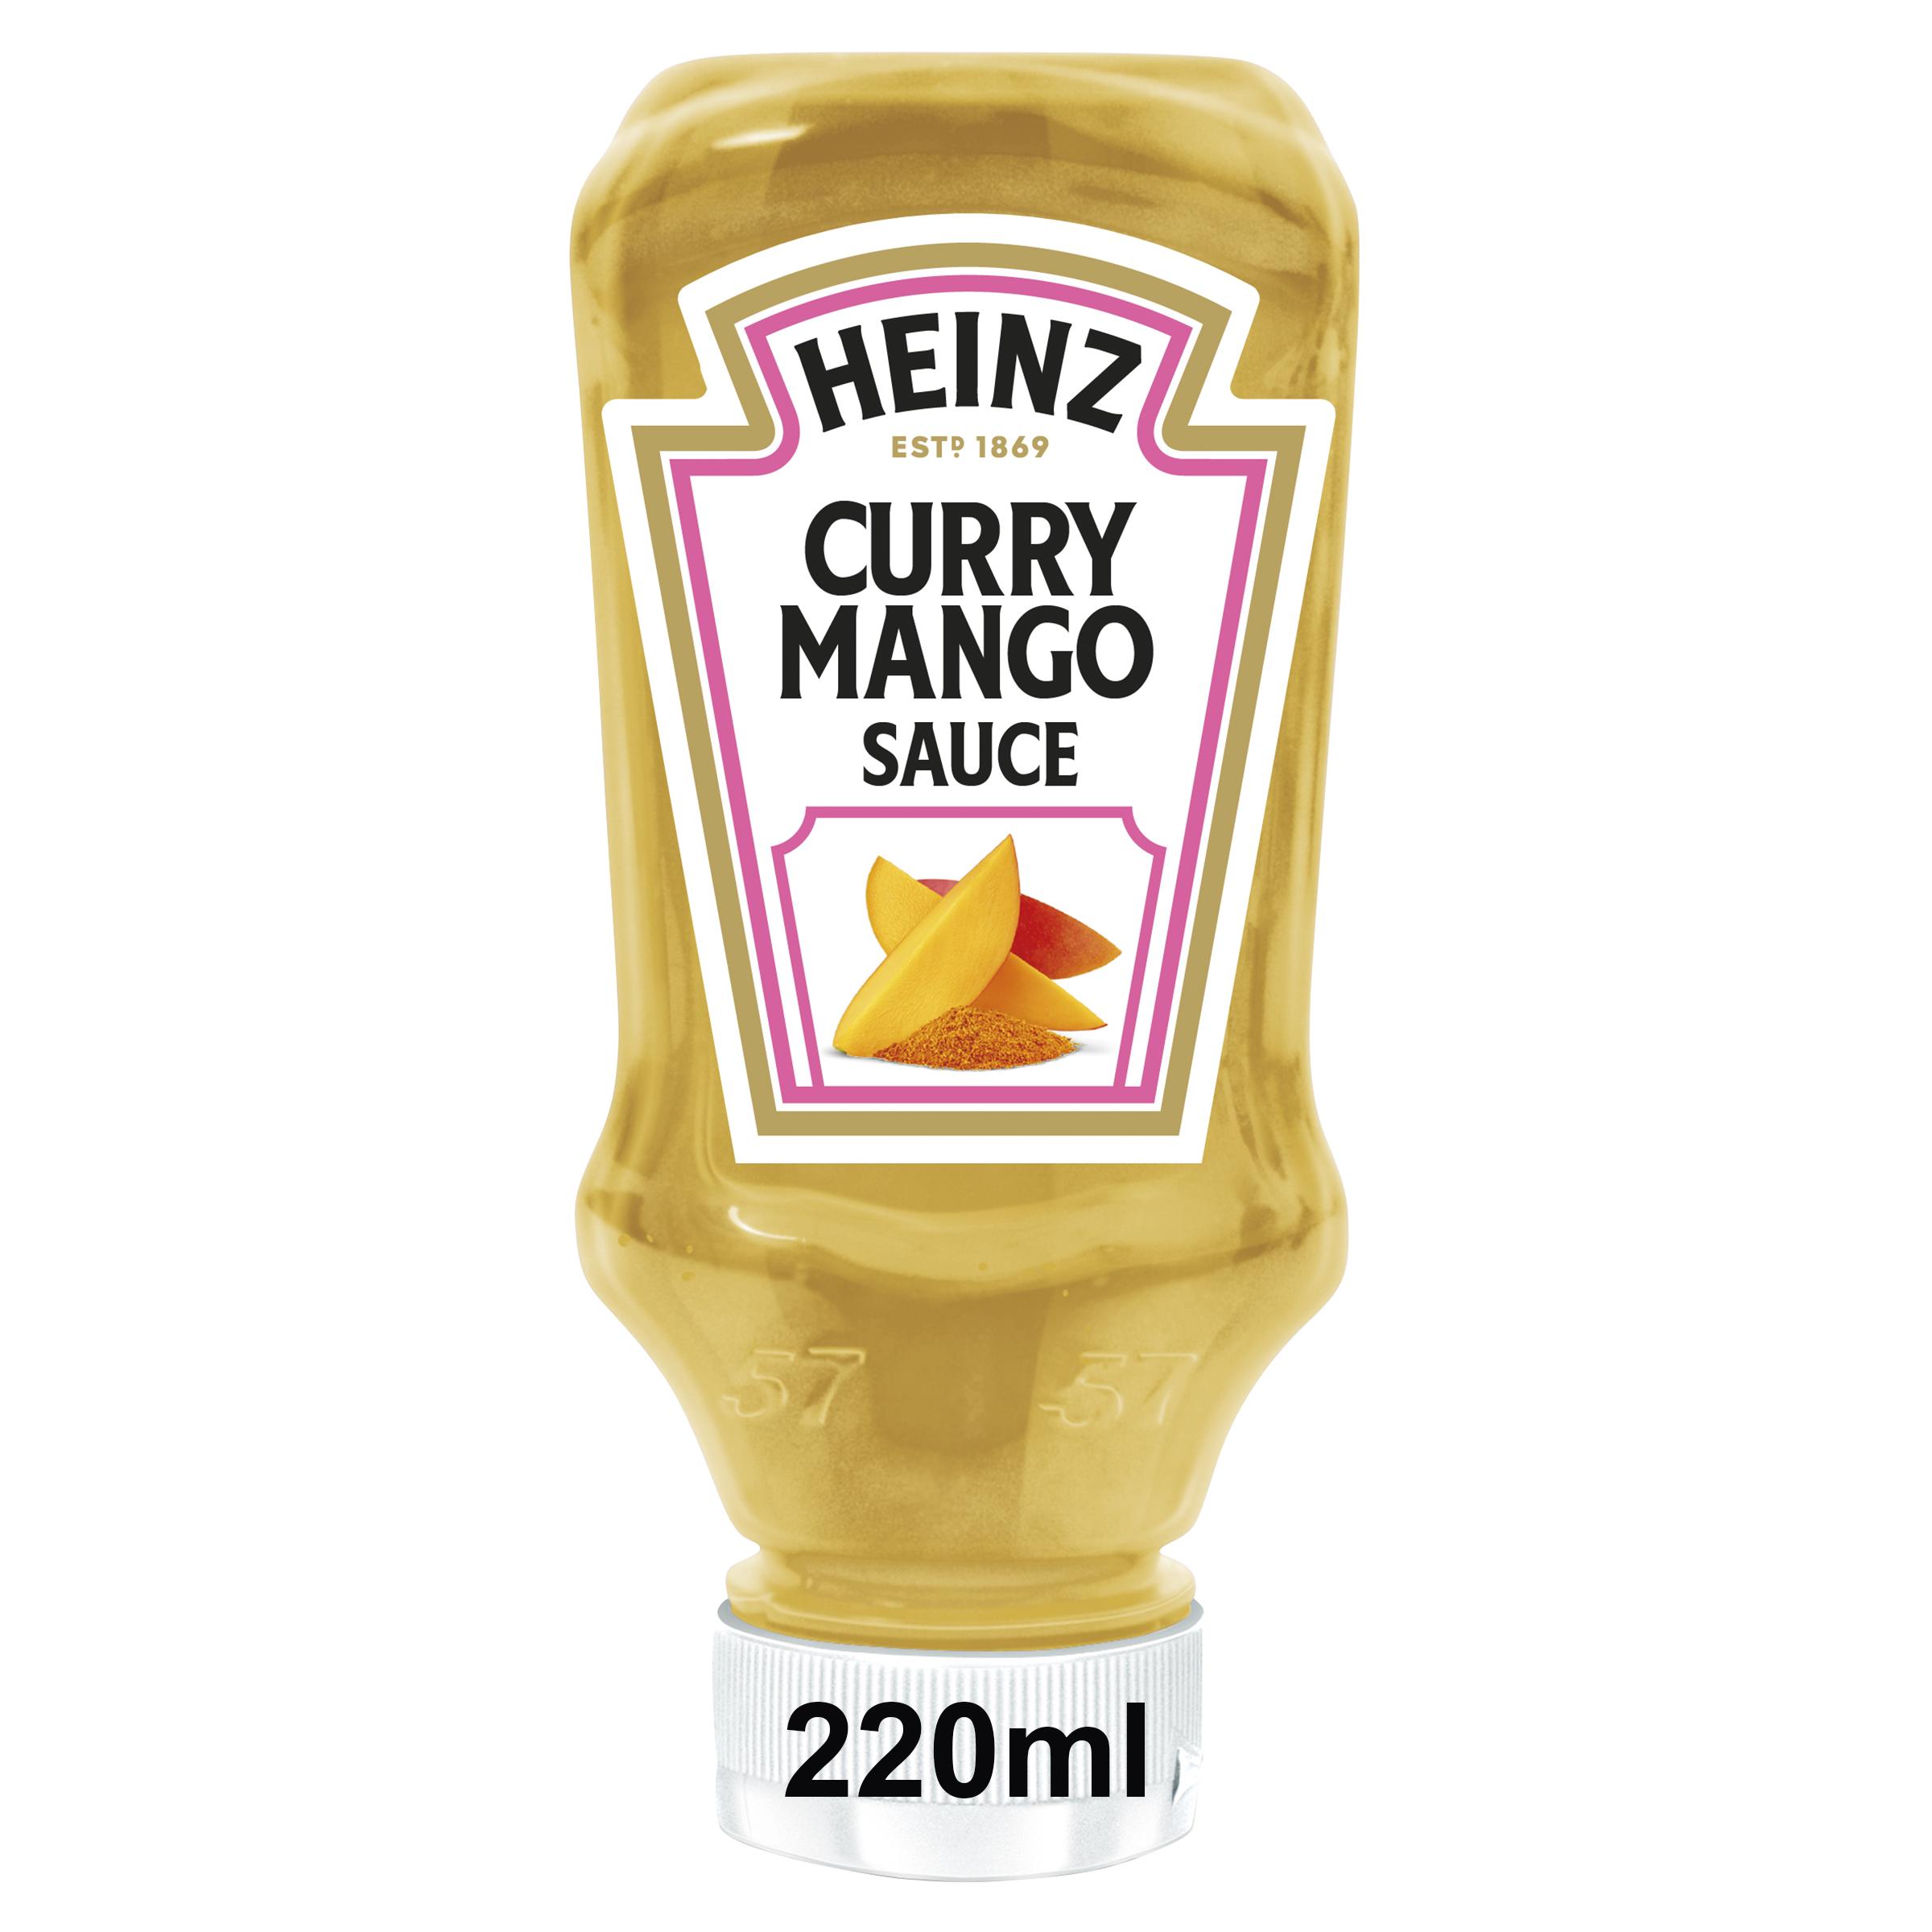 Heinz Salsa de Curry Mango 220ml image